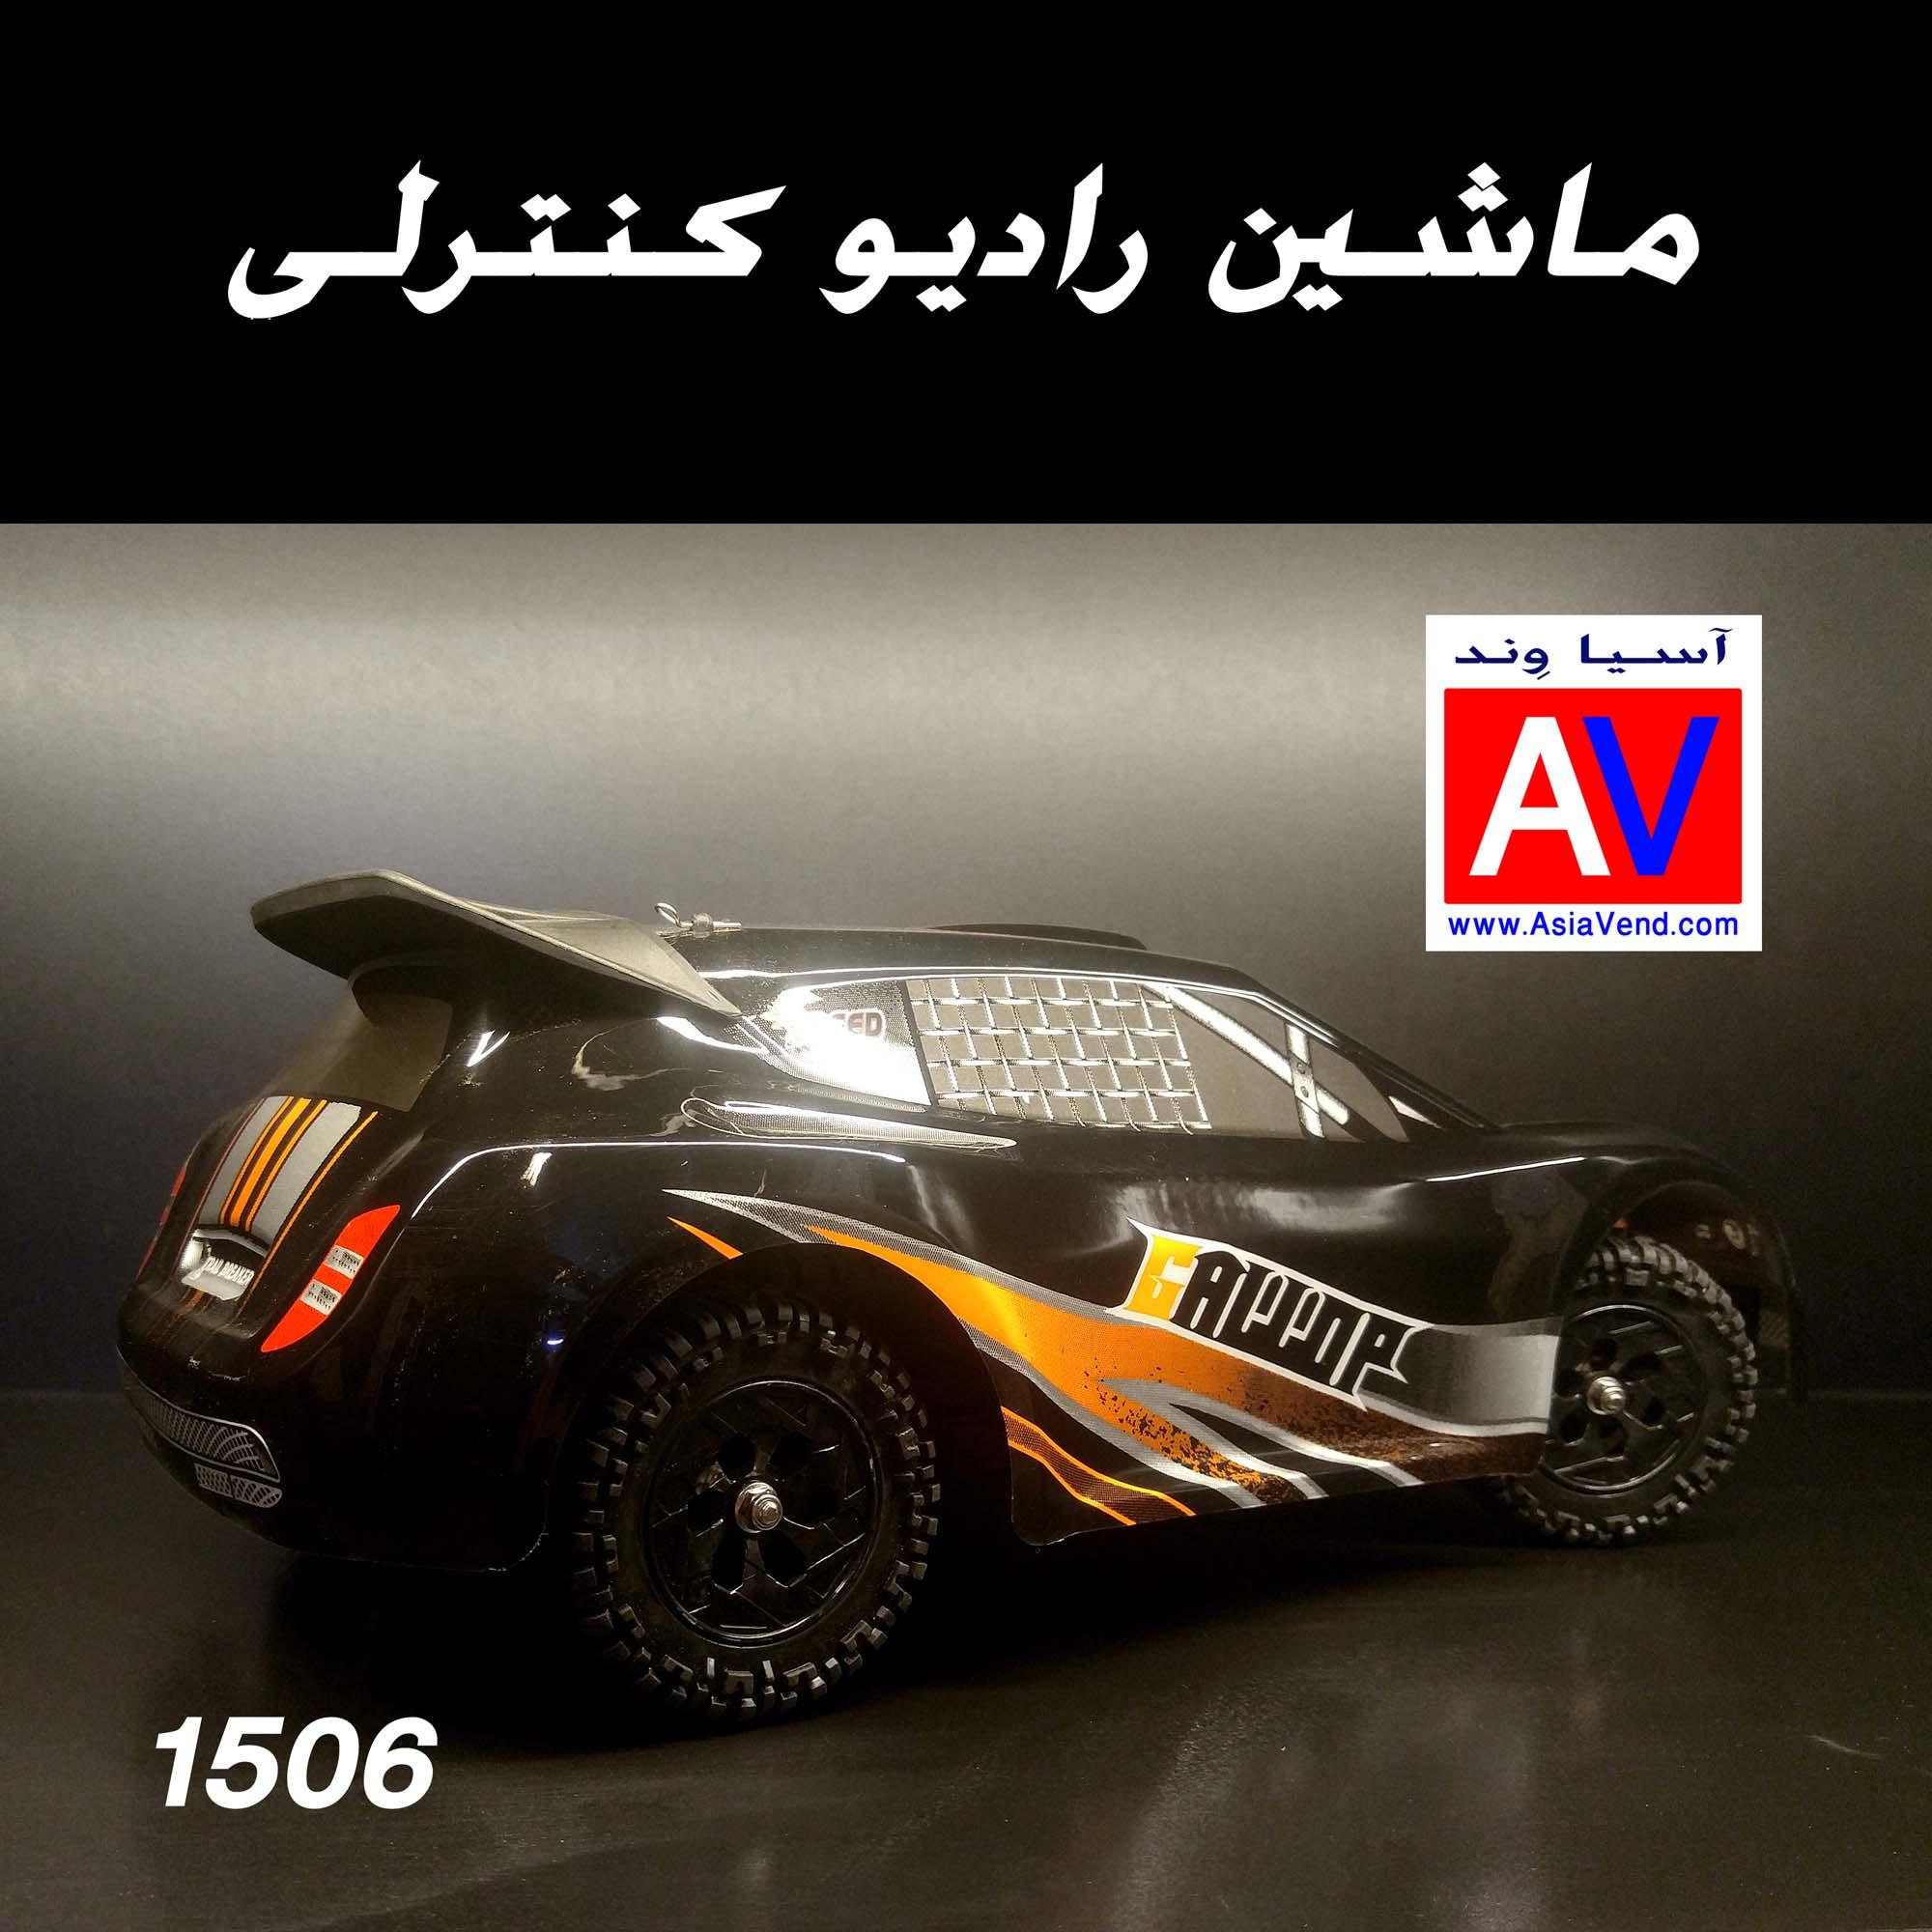 BG1506 onroad rc car ماشین کنترلی حرفه ای آنرود  1506 Subotech RC Car